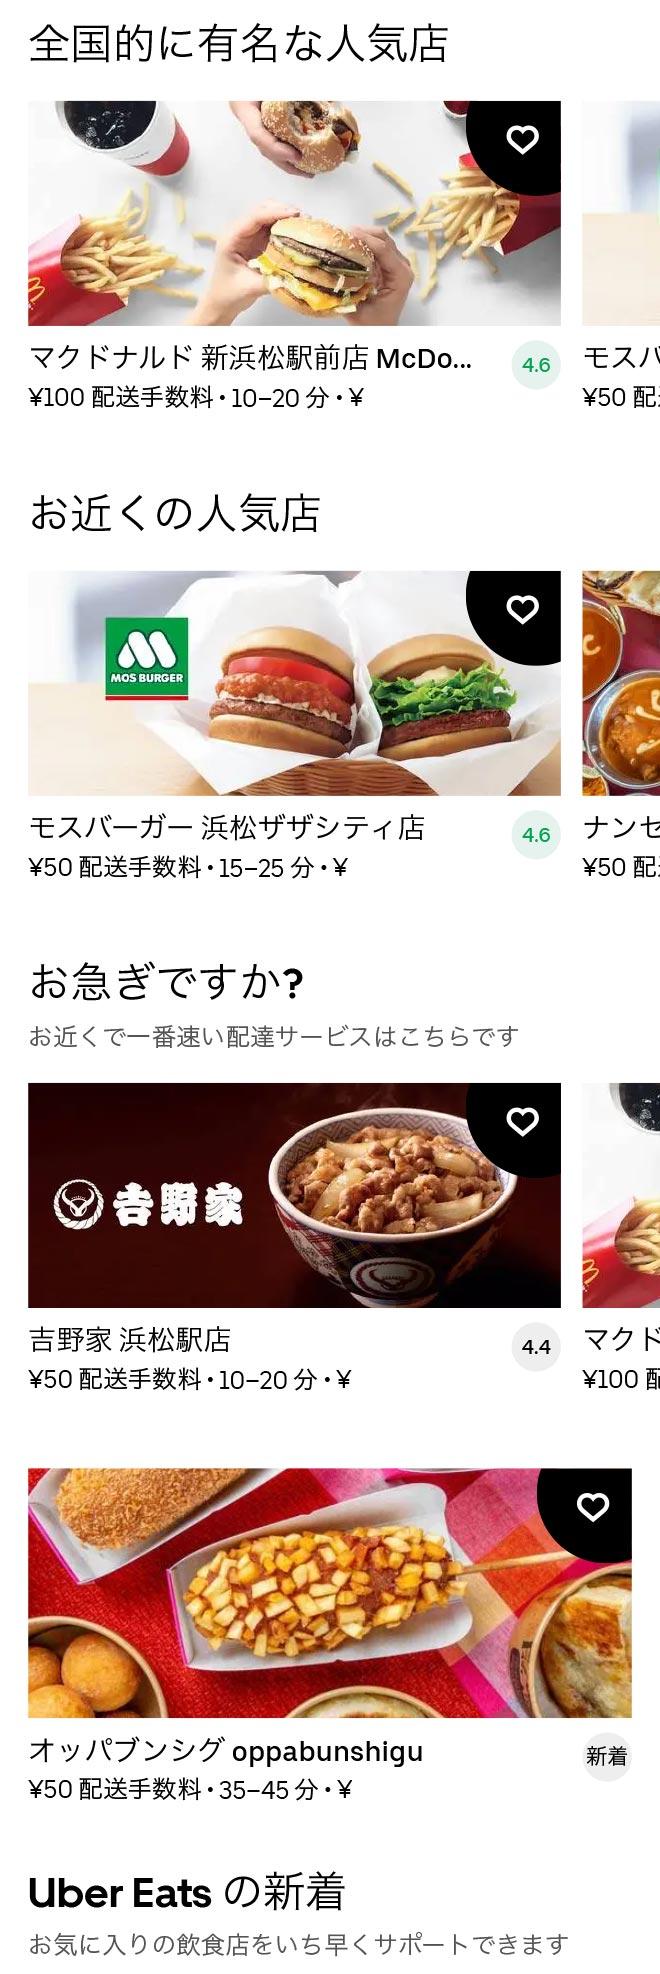 Hamamatsu menu 2011 01